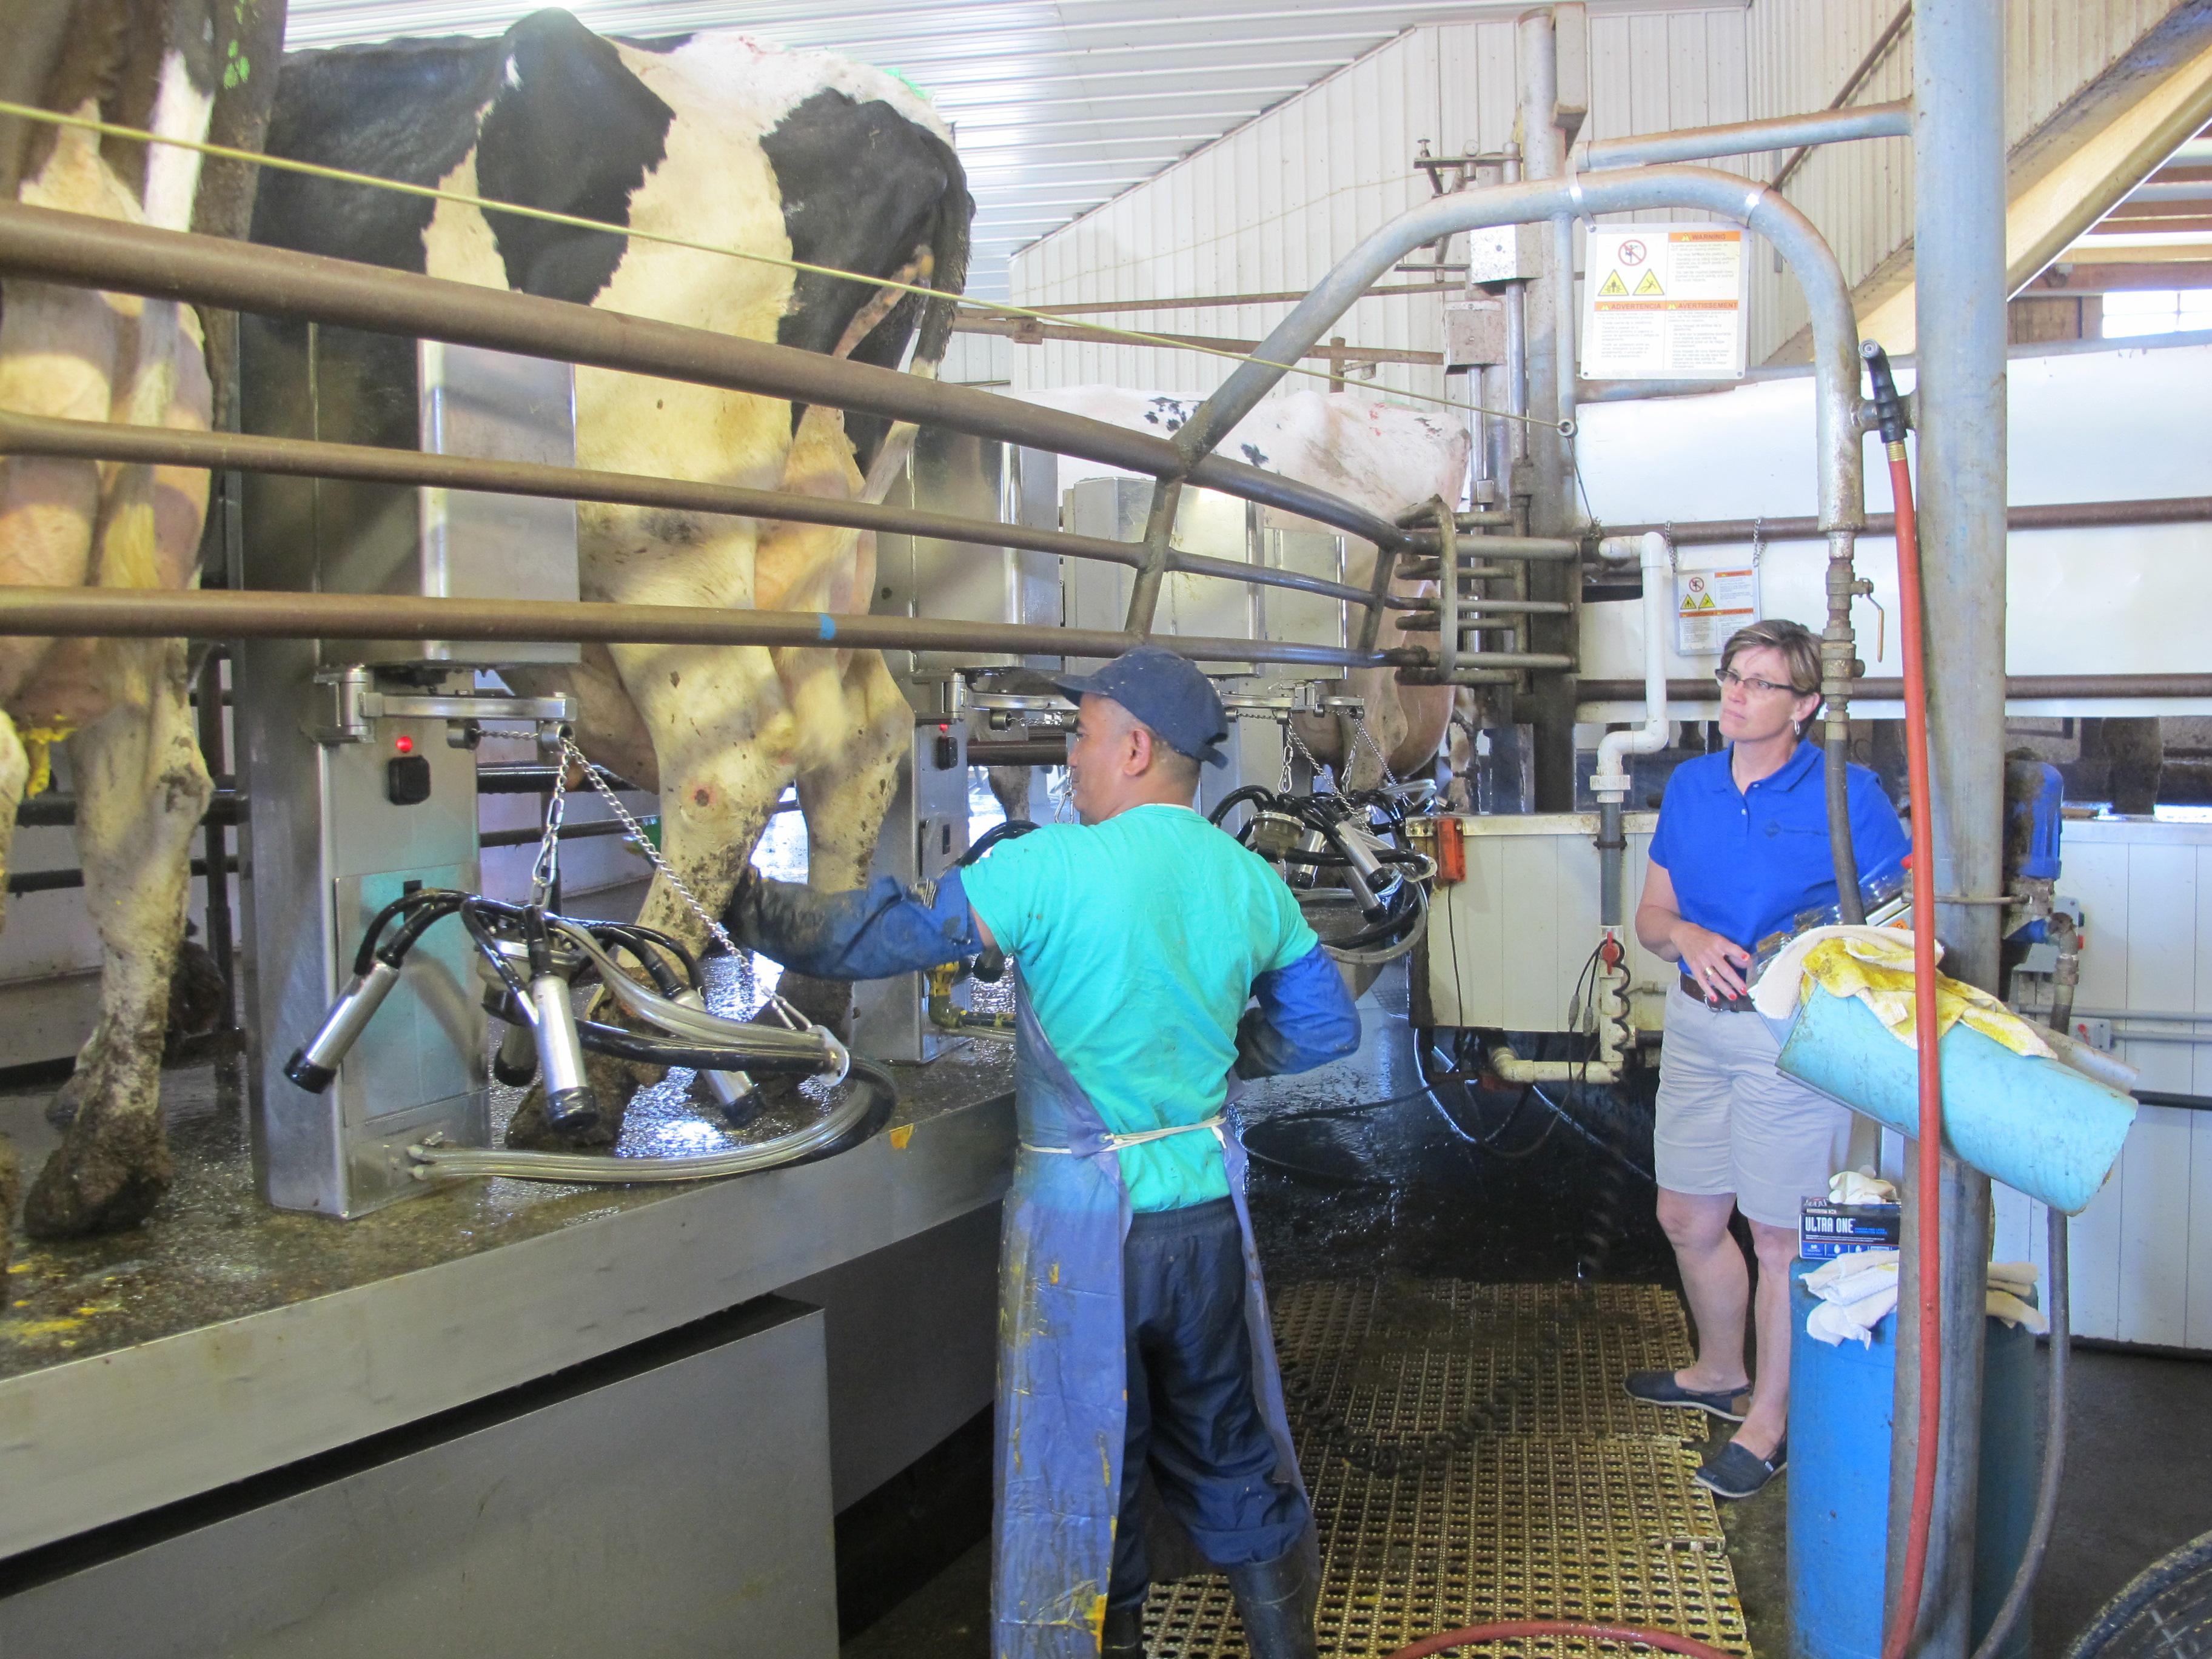 Trabajador de la industria de la leche en Nueva York. (AP Photo/Carolyn Thompson)